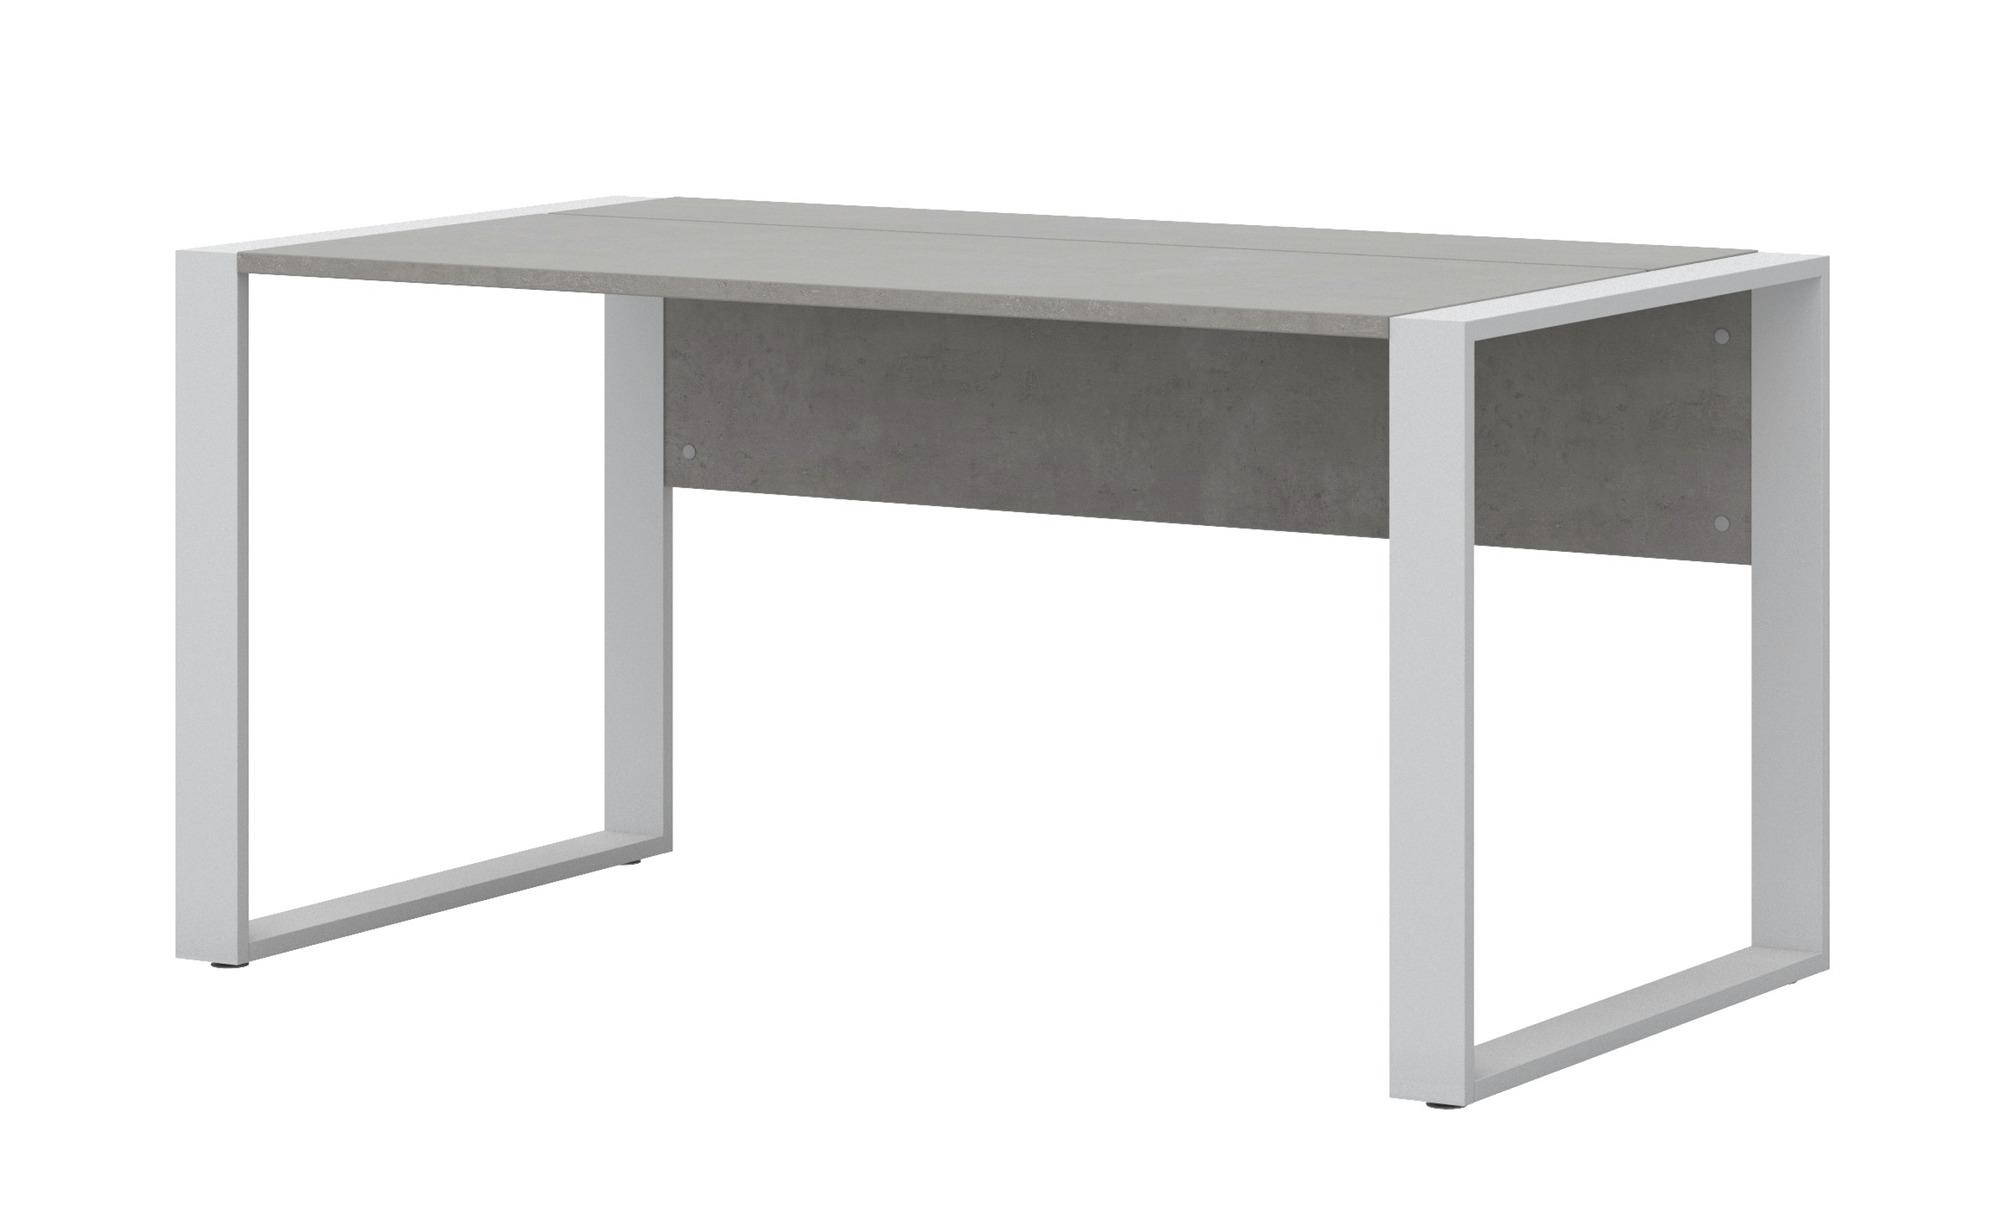 Schreibtisch  Donez ¦ grau ¦ Maße (cm): B: 150 H: 74 T: 80 Tische > Schreibtische - Höffner | Büro > Bürotische | Möbel Höffner DE